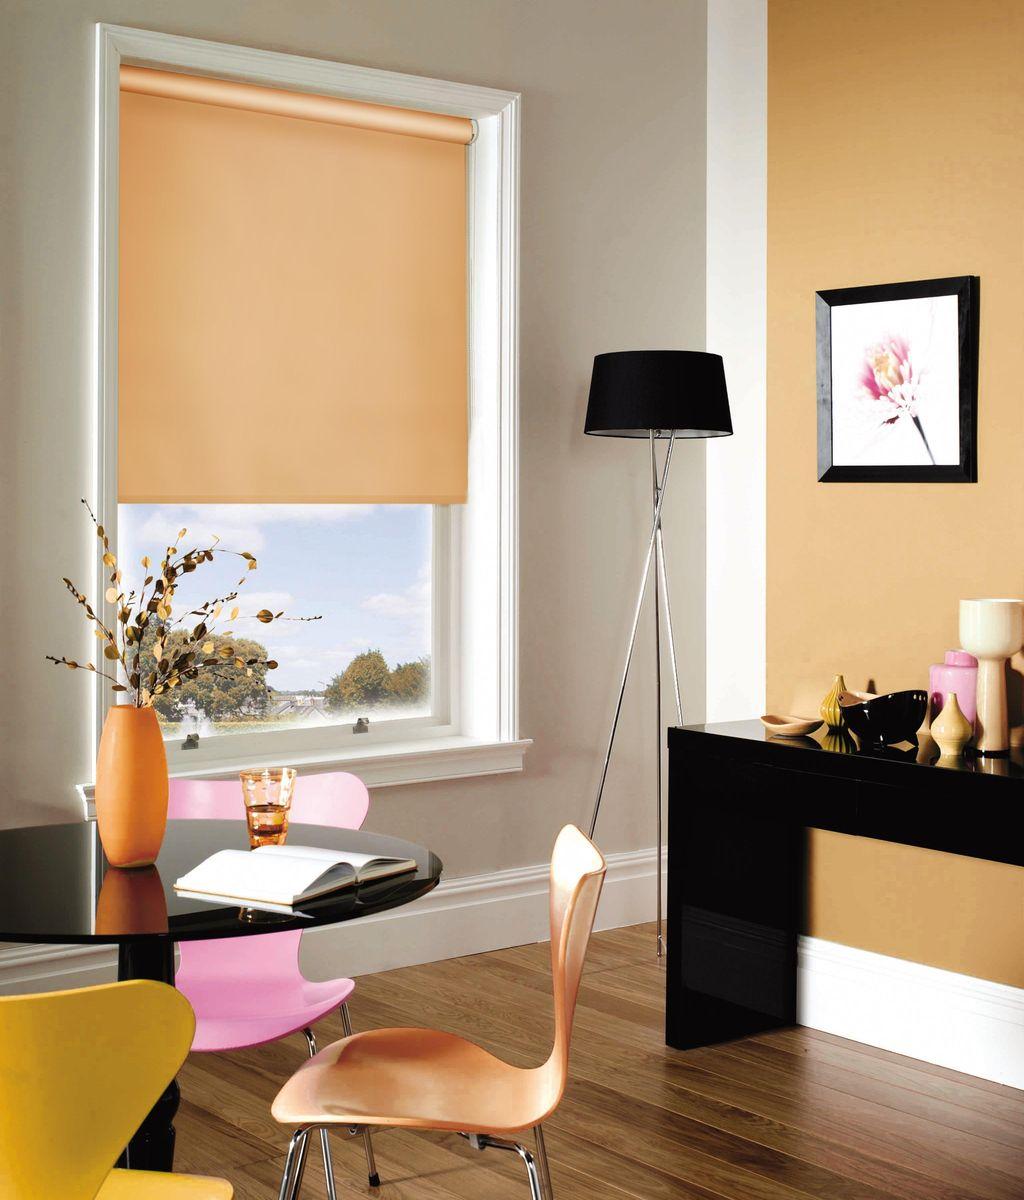 Штора рулонная Эскар, цвет: абрикосовый, ширина 80 см, высота 170 см81012080170Рулонными шторами можно оформлять окна как самостоятельно, так и использовать в комбинации с портьерами. Это поможет предотвратить выгорание дорогой ткани на солнце и соединит функционал рулонных с красотой навесных. Преимущества применения рулонных штор для пластиковых окон: - имеют прекрасный внешний вид: многообразие и фактурность материала изделия отлично смотрятся в любом интерьере; - многофункциональны: есть возможность подобрать шторы способные эффективно защитить комнату от солнца, при этом она не будет слишком темной. - Есть возможность осуществить быстрый монтаж. ВНИМАНИЕ! Размеры ширины изделия указаны по ширине ткани! Во время эксплуатации не рекомендуется полностью разматывать рулон, чтобы не оторвать ткань от намоточного вала. В случае загрязнения поверхности ткани, чистку шторы проводят одним из способов, в зависимости от типа загрязнения: легкое поверхностное загрязнение можно удалить при помощи канцелярского ластика; чистка от пыли производится сухим методом при...